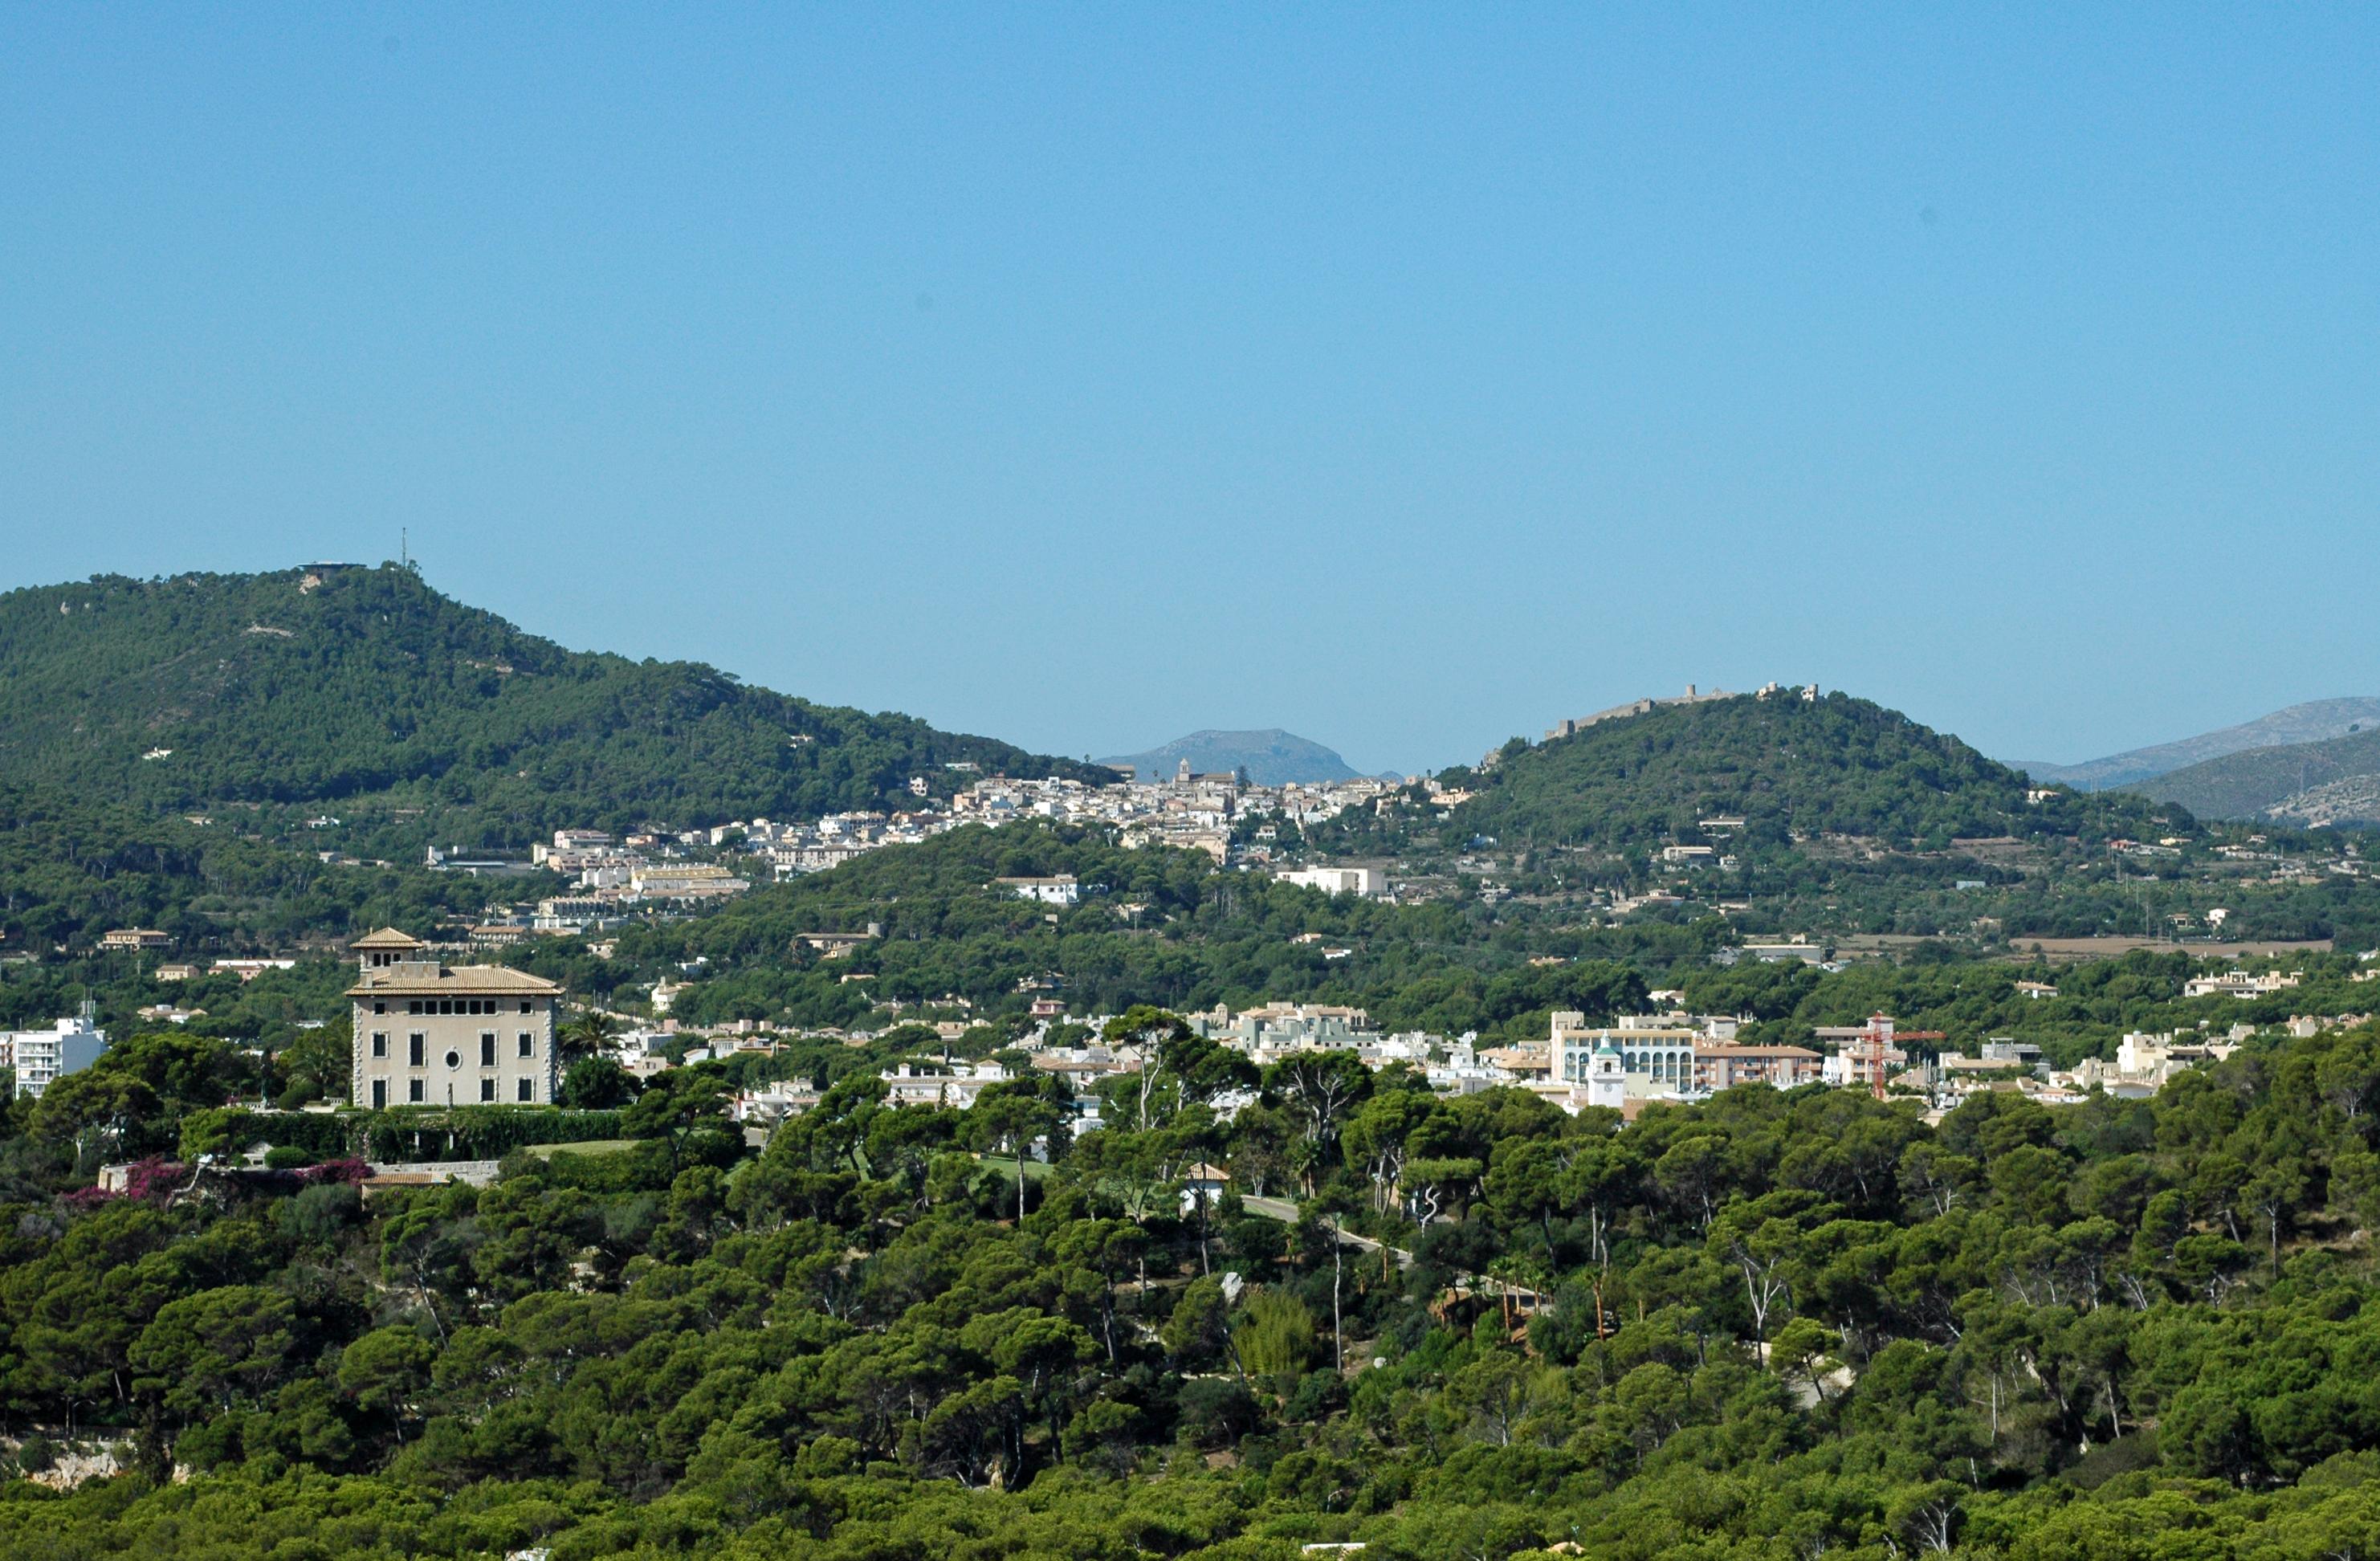 Le village de Cala Rajada à Majorque - Sa Torre Cega